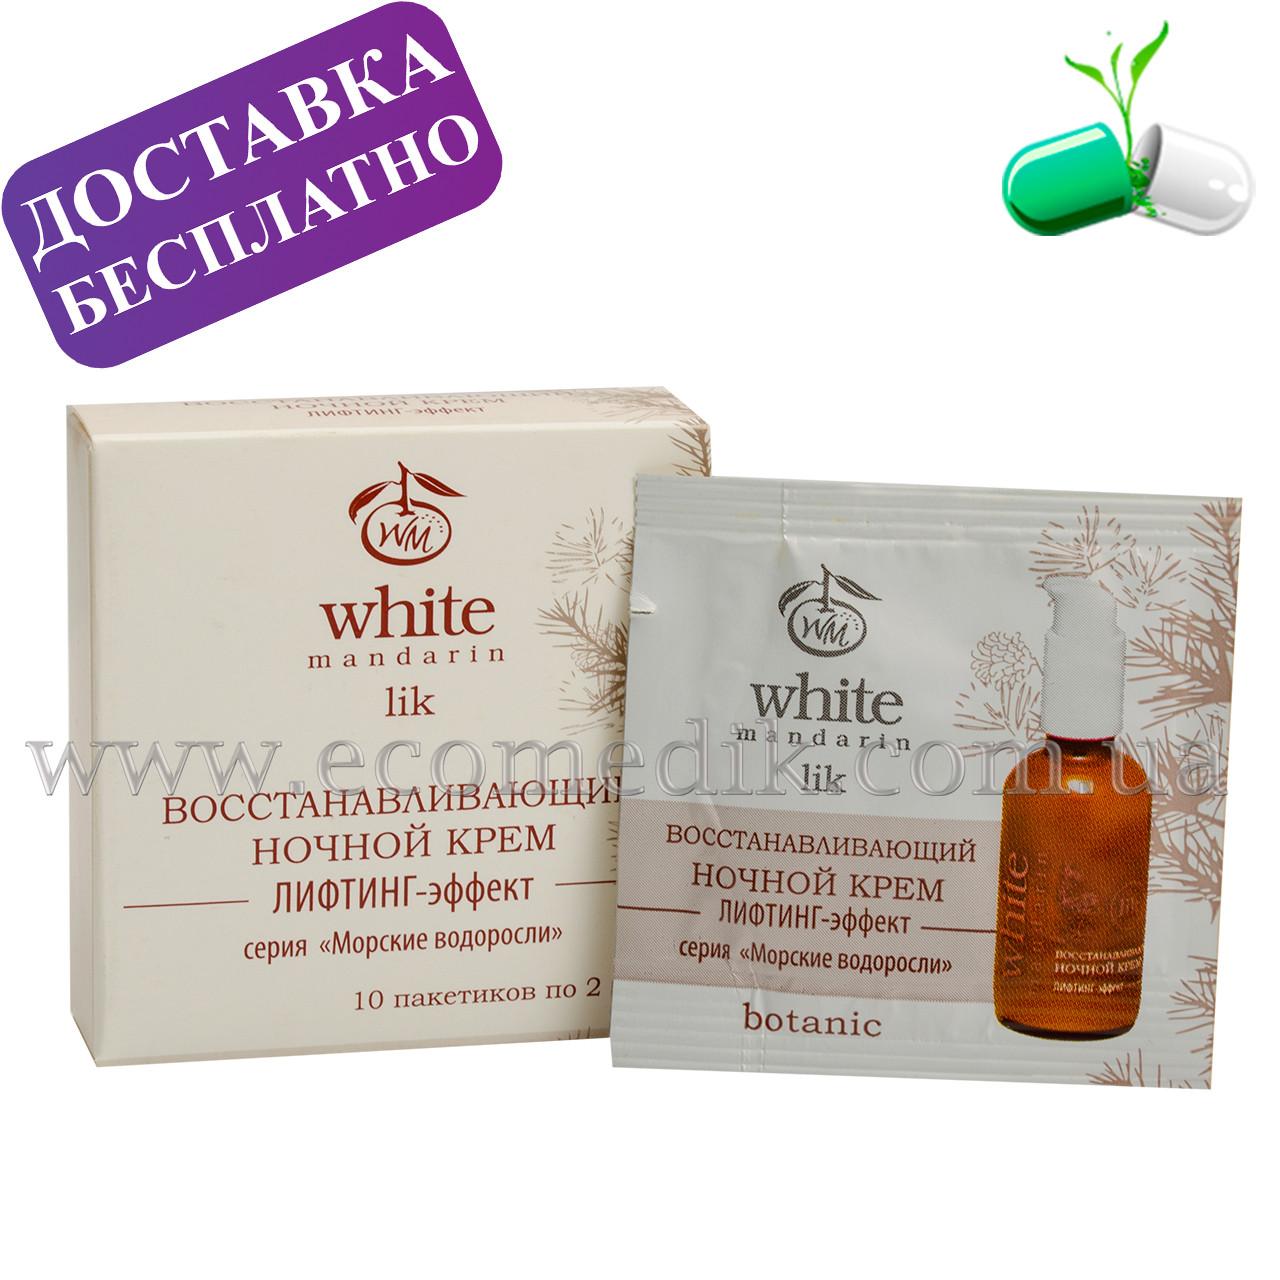 Пробник восстанавливающего ночного крема «Лифтинг-эффект» серии «Морские водоросли» White Mandarin 2 мл